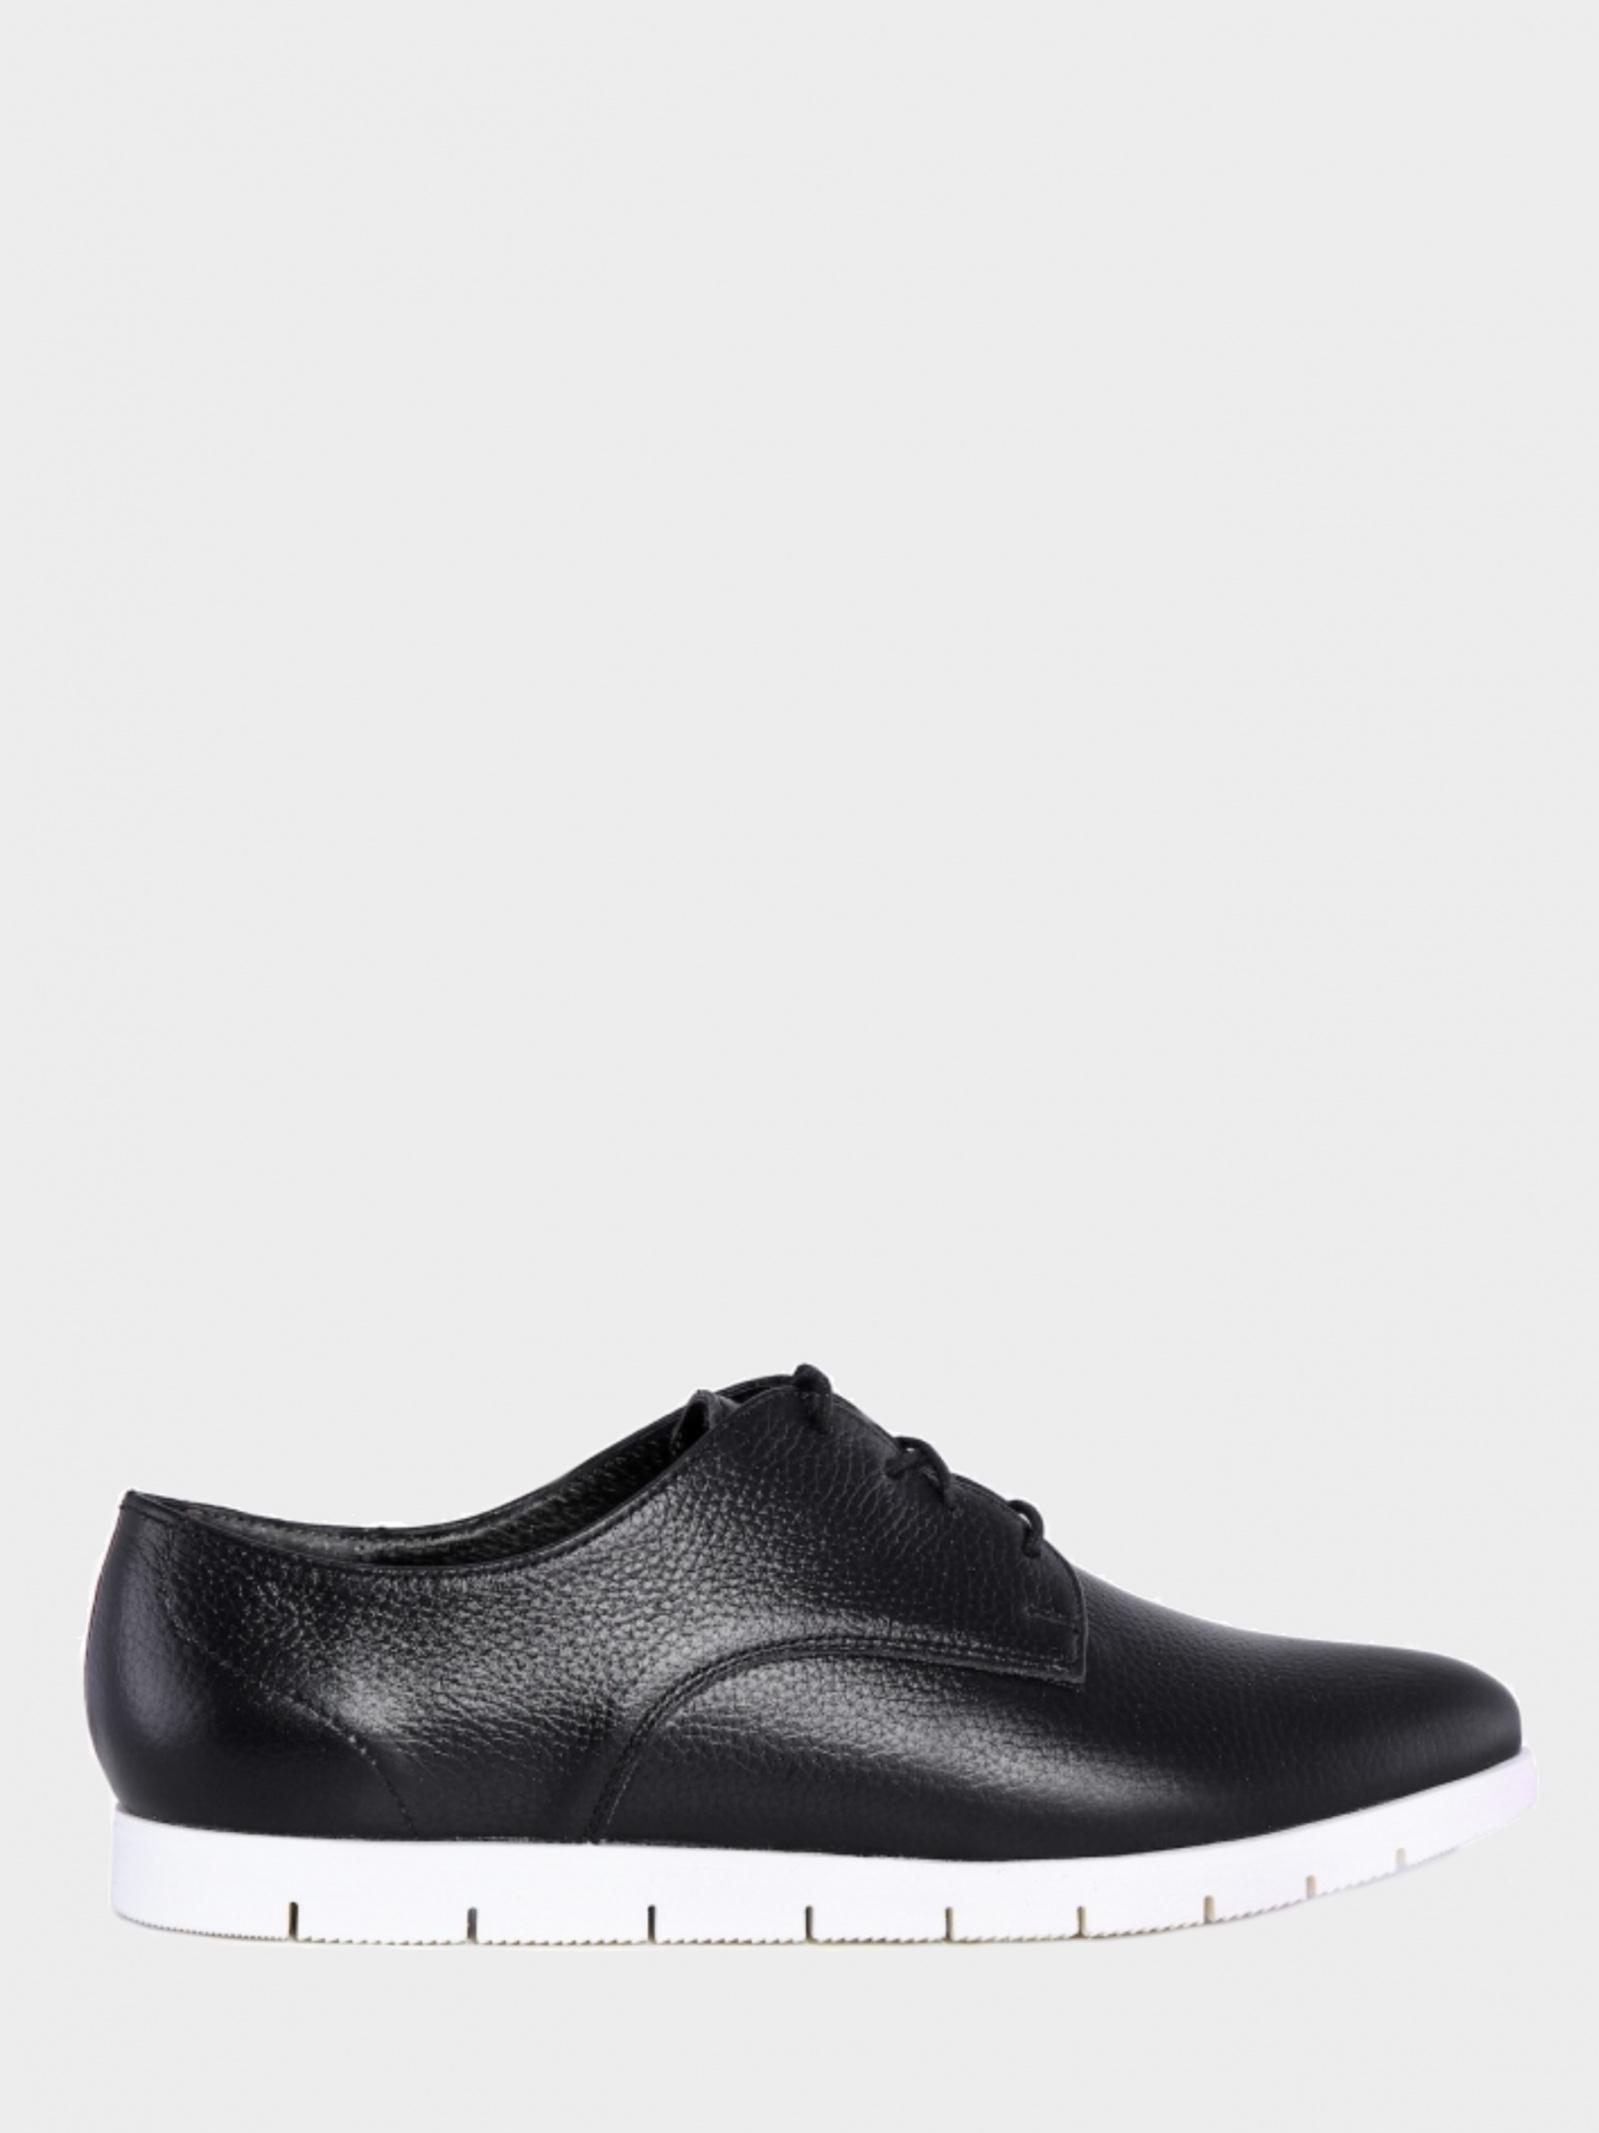 Туфли женские ТУФЛИ G1 G1.1.000000323 стоимость, 2017